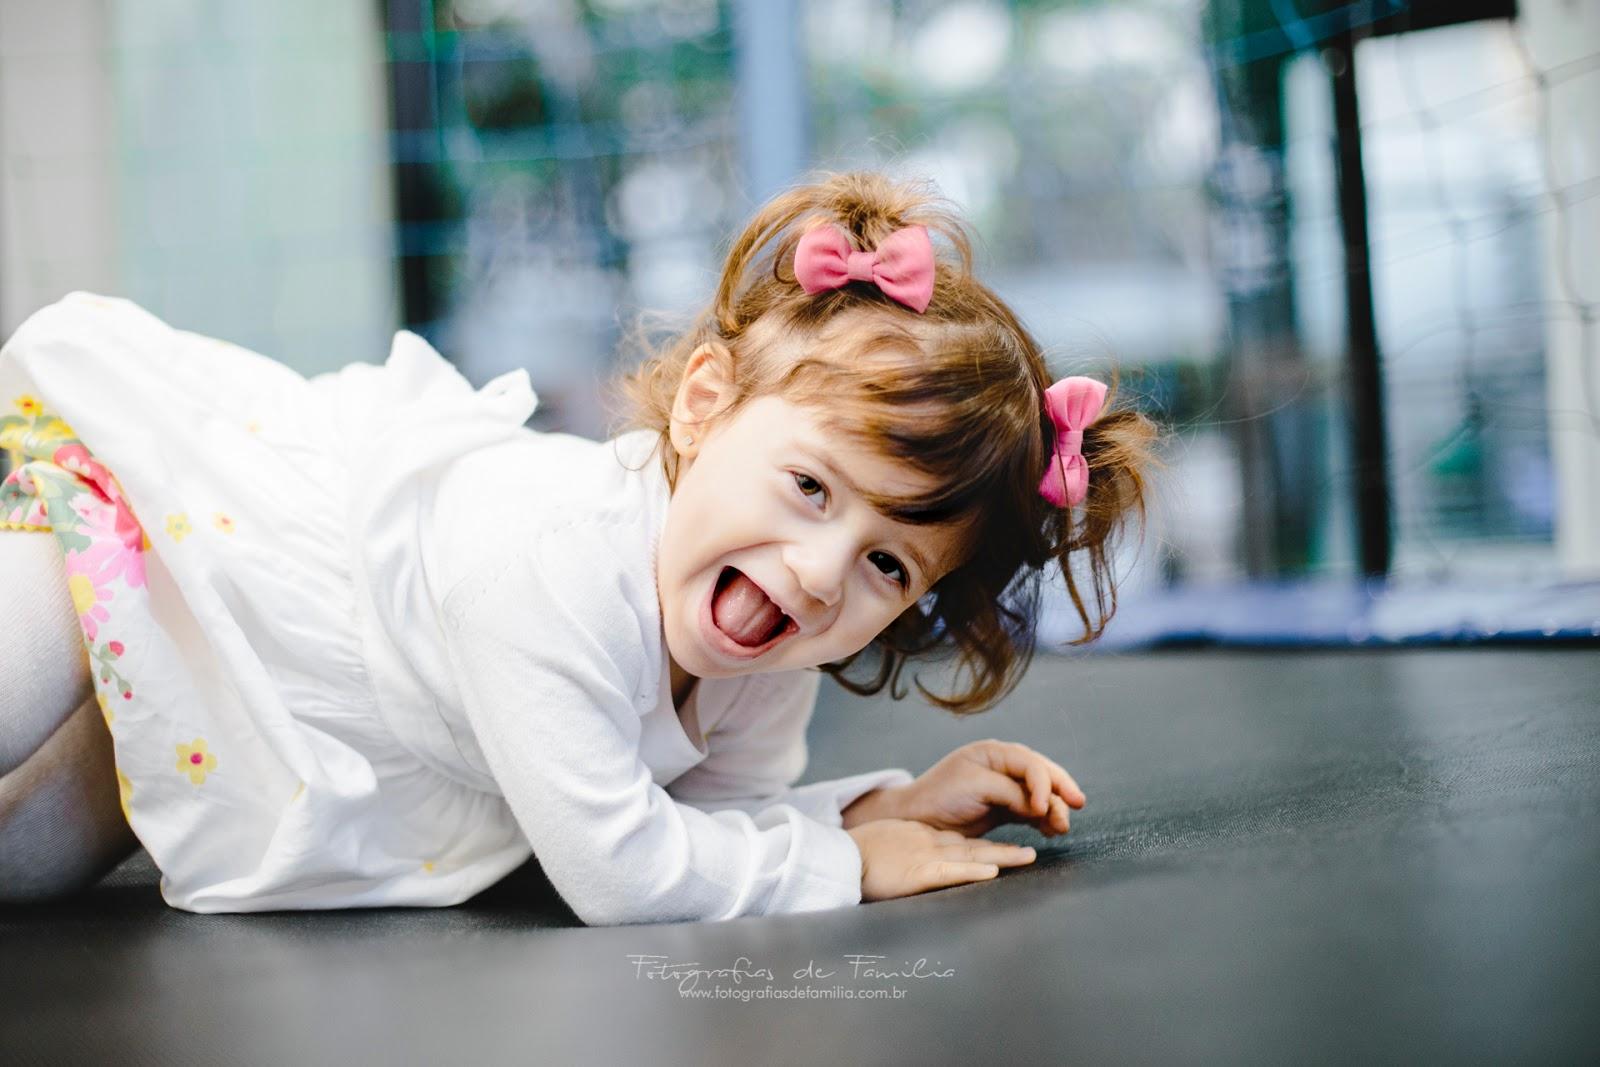 foto festa infantil helena